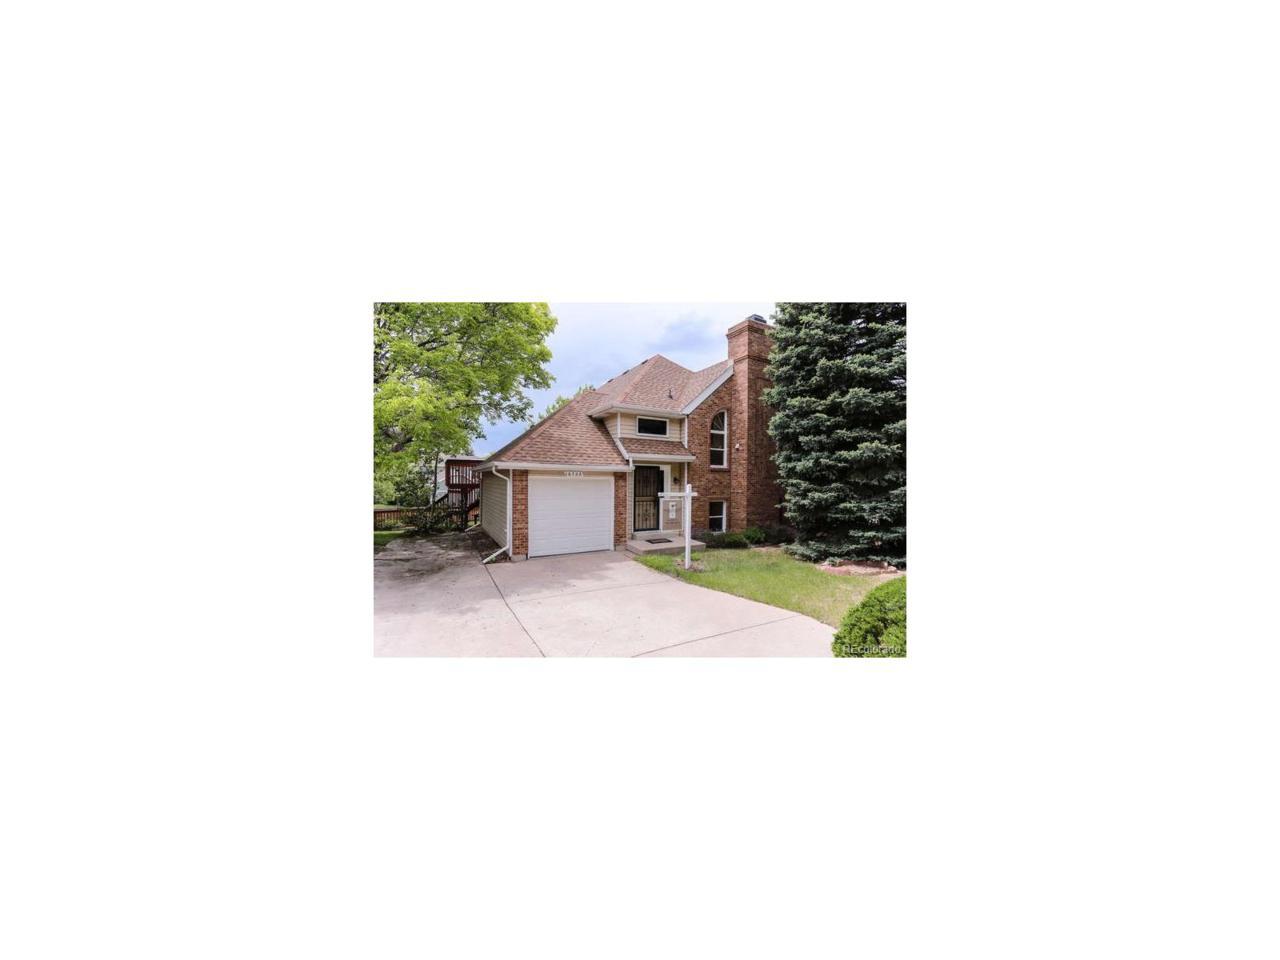 16728 E Hialeah Avenue, Centennial, CO 80015 (MLS #5962020) :: 8z Real Estate